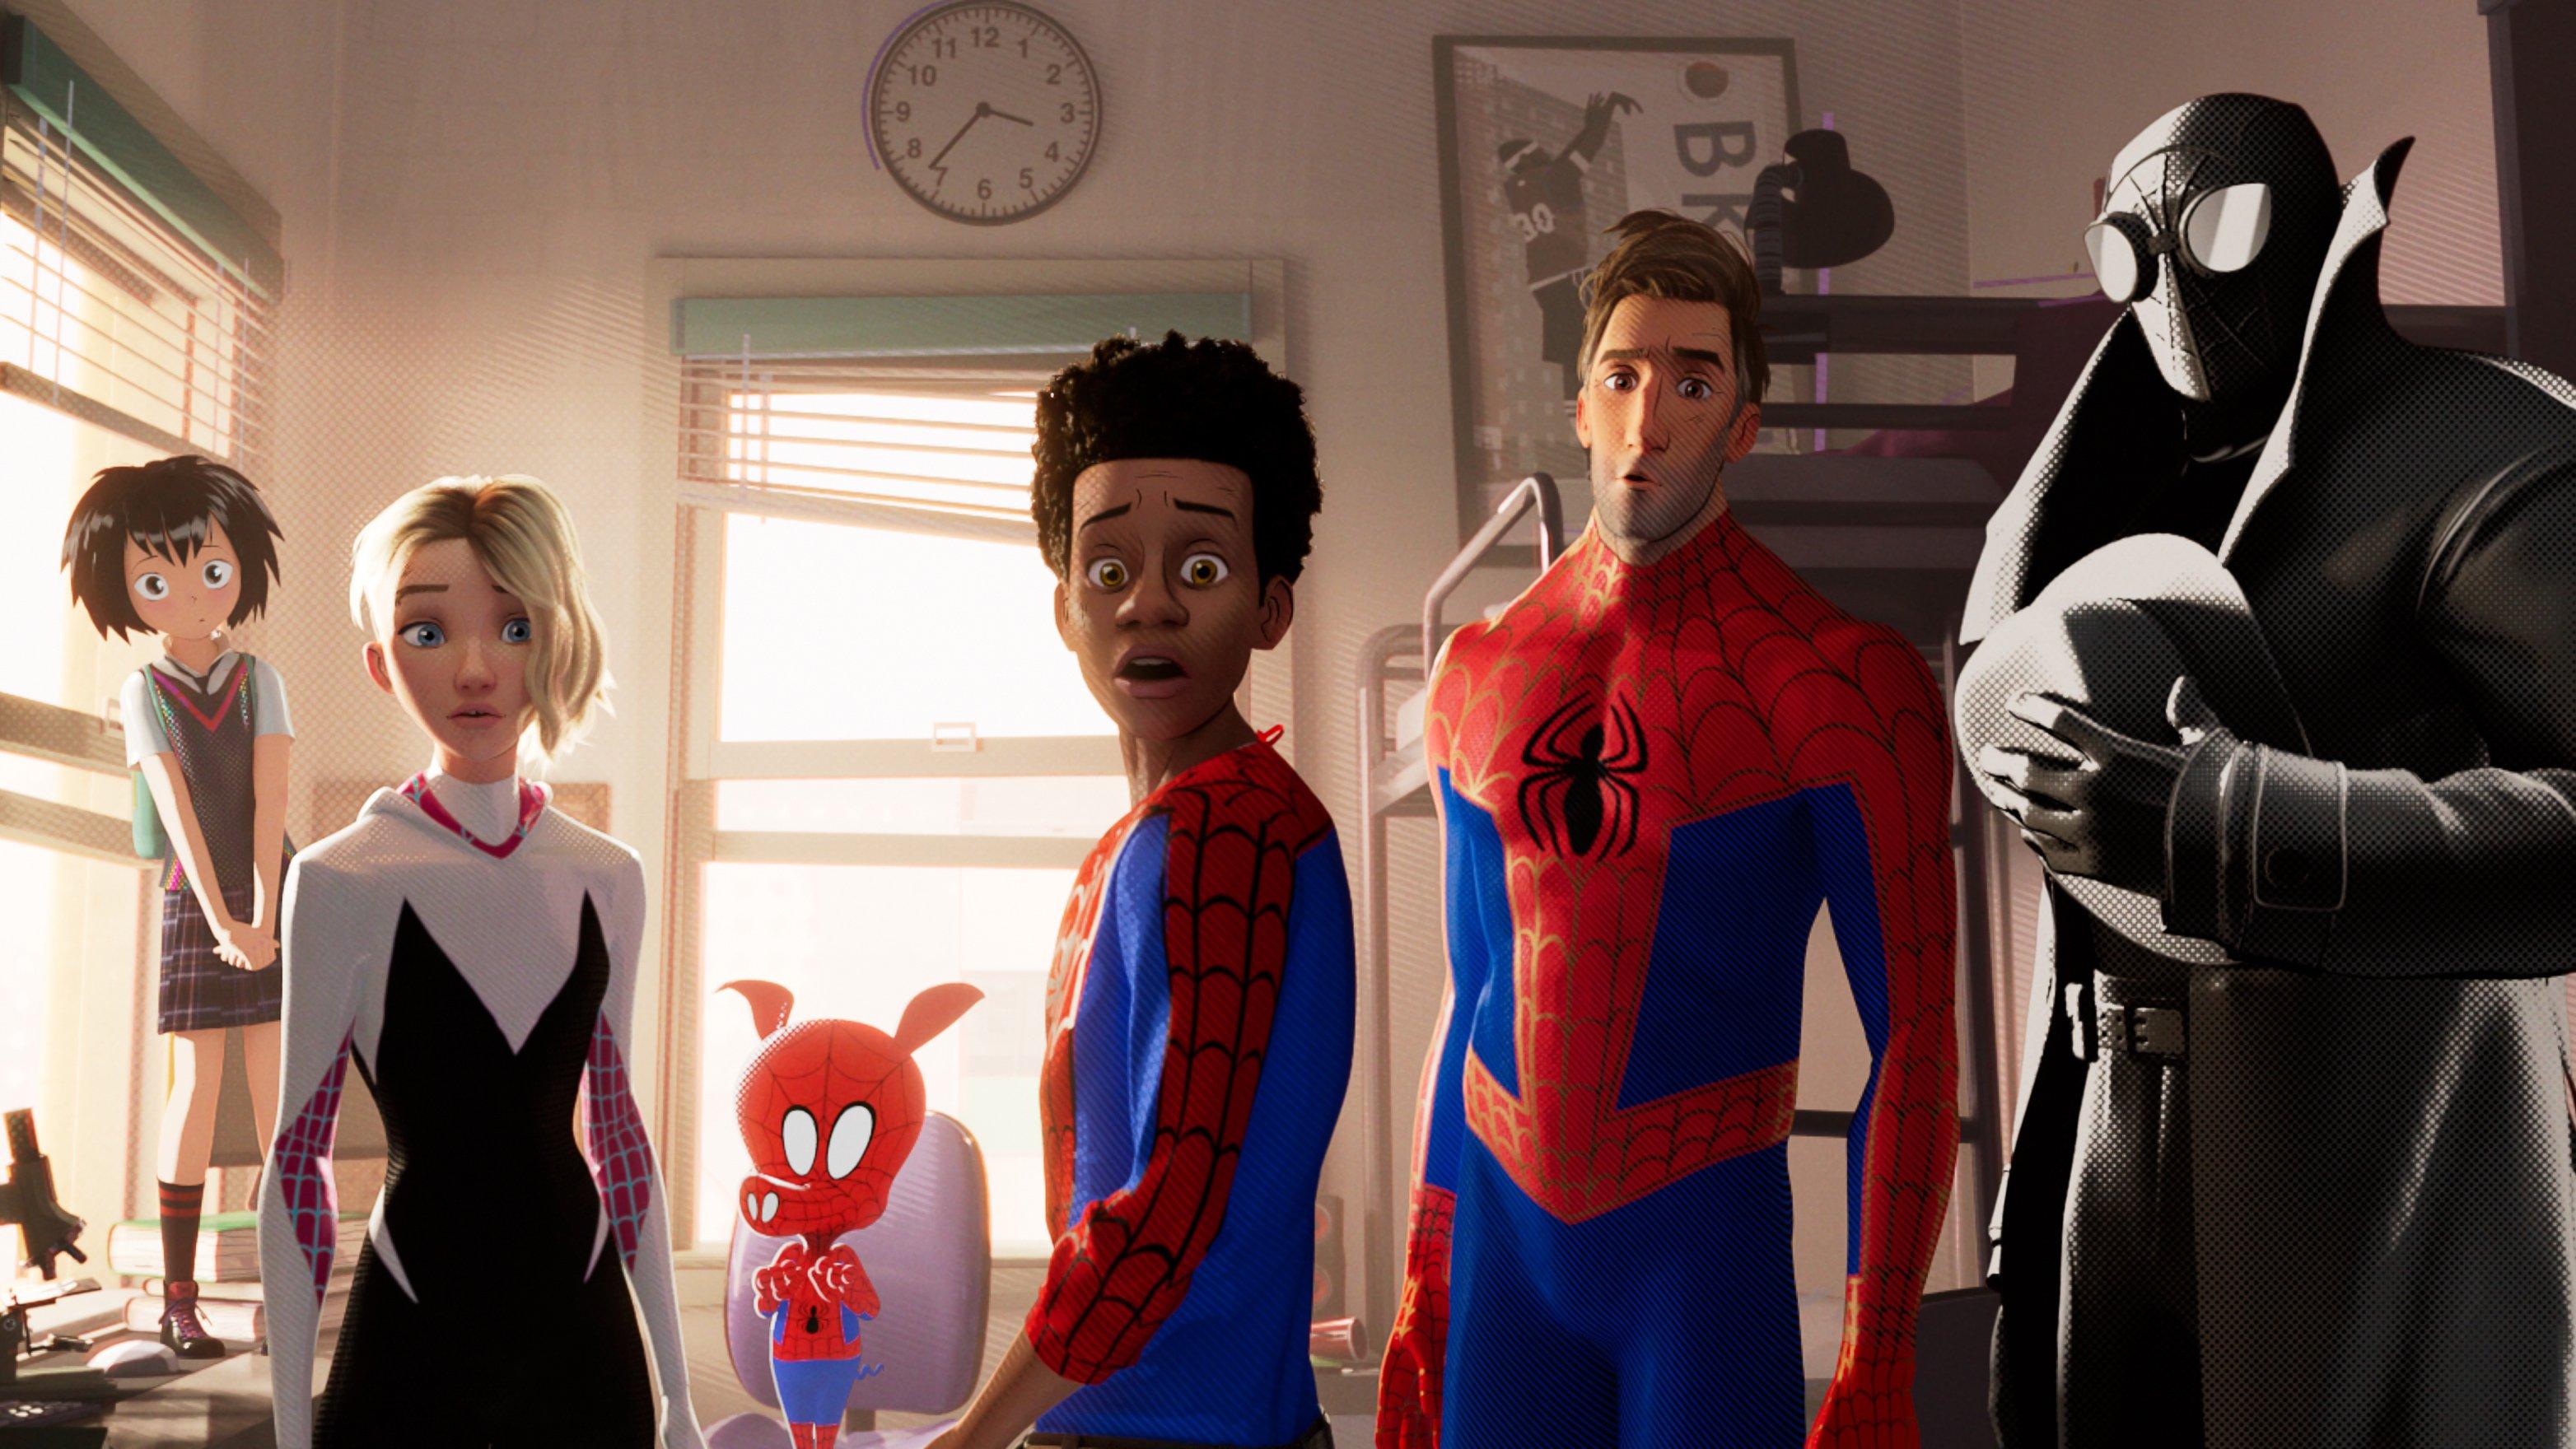 Fondos de pantalla Personajes de Spider-Man: Un nuevo universo